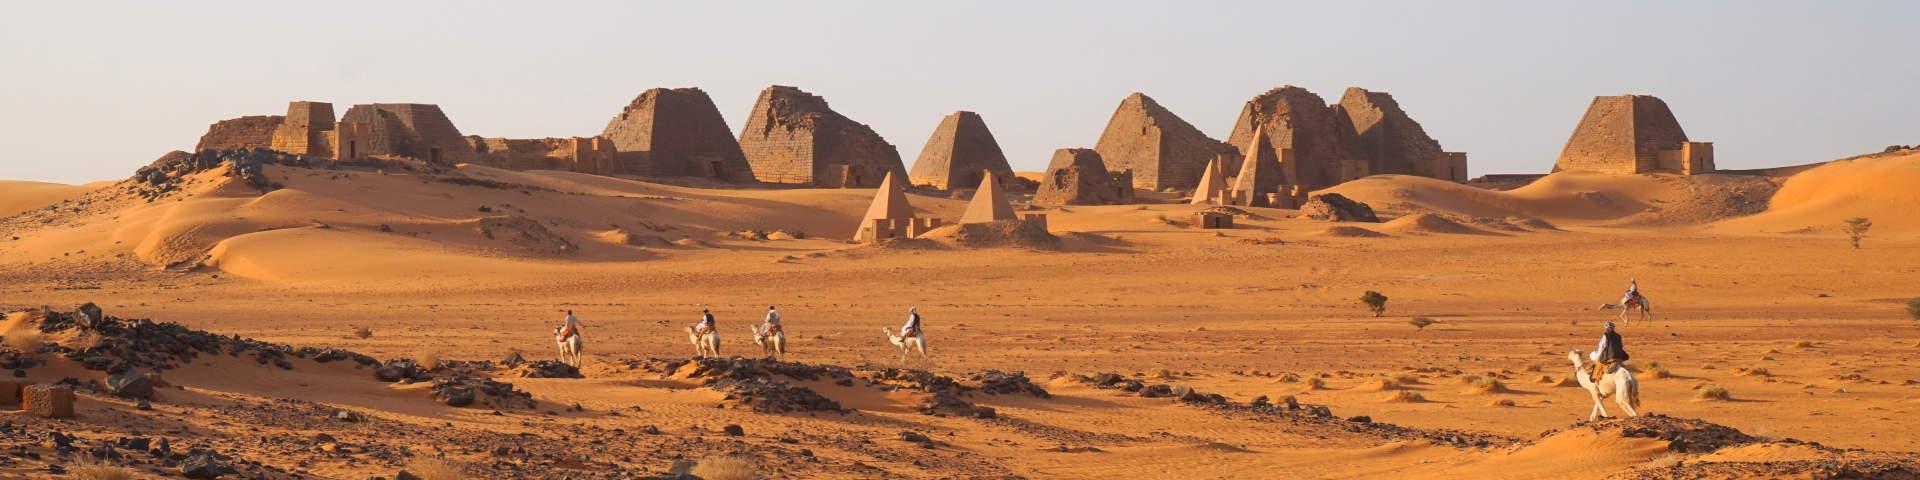 Khartoum new hero1